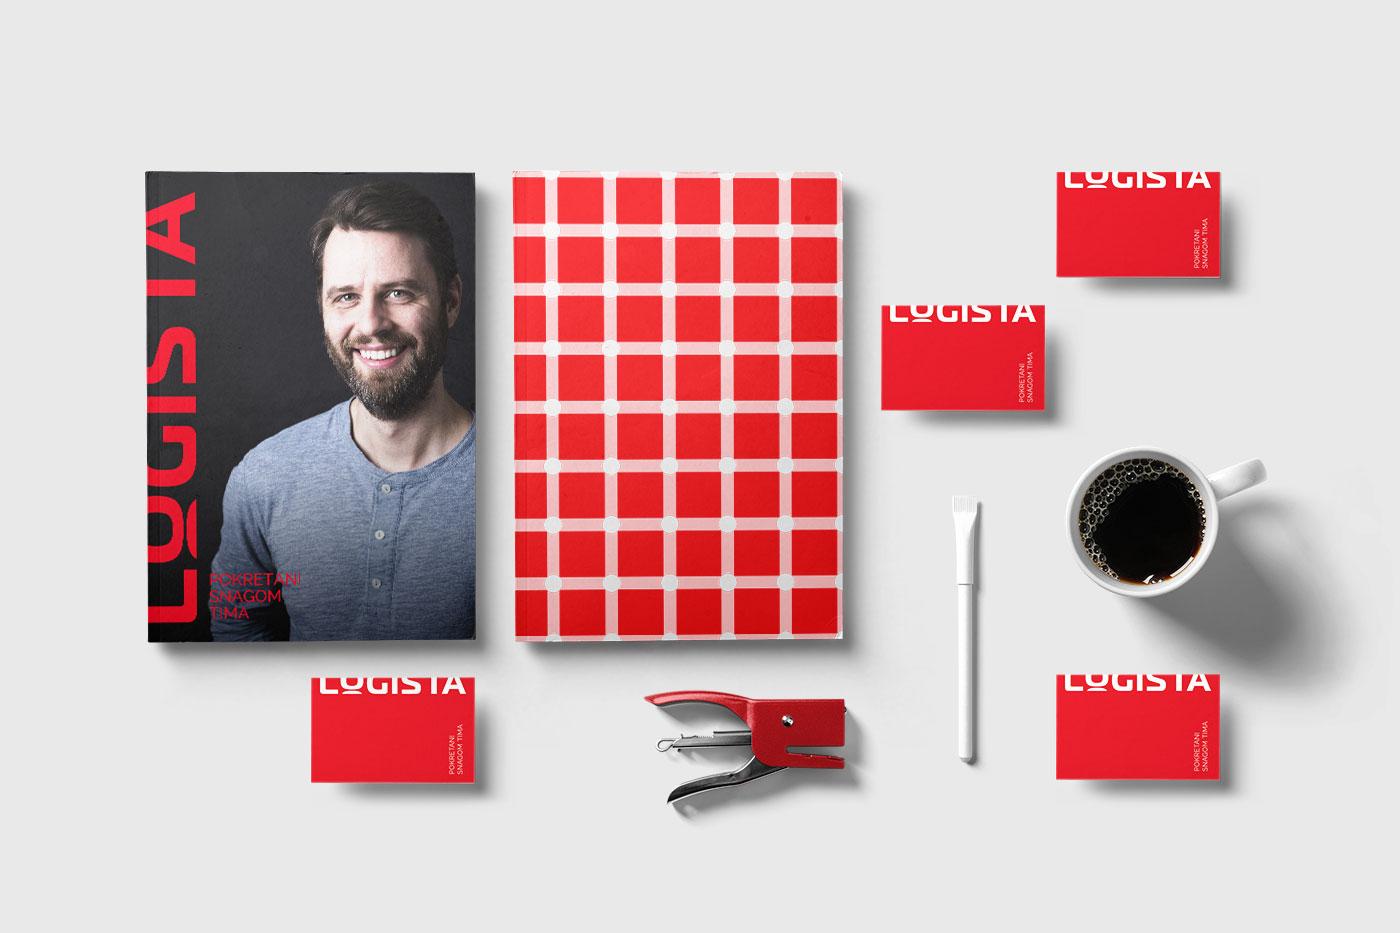 Zambelli Brand Design osvojio prestižno priznanje za čak dva vizualna identiteta!